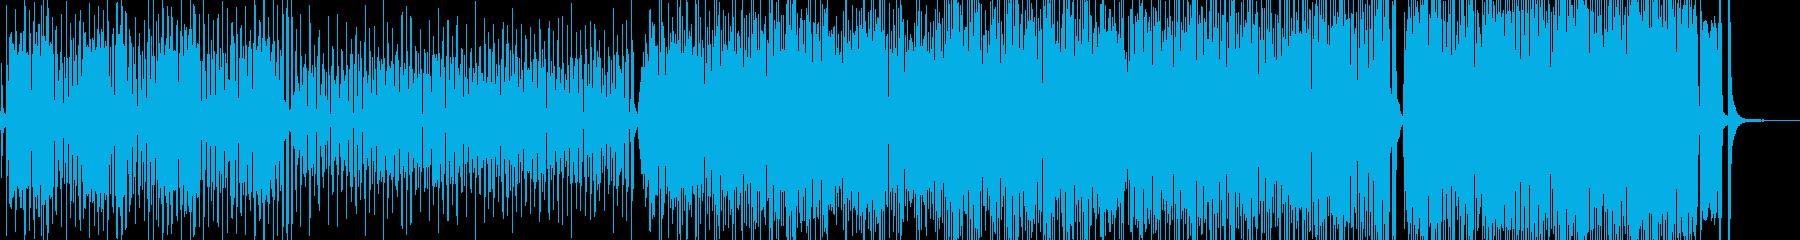 滑稽な三味線・おマヌケポップ A3の再生済みの波形